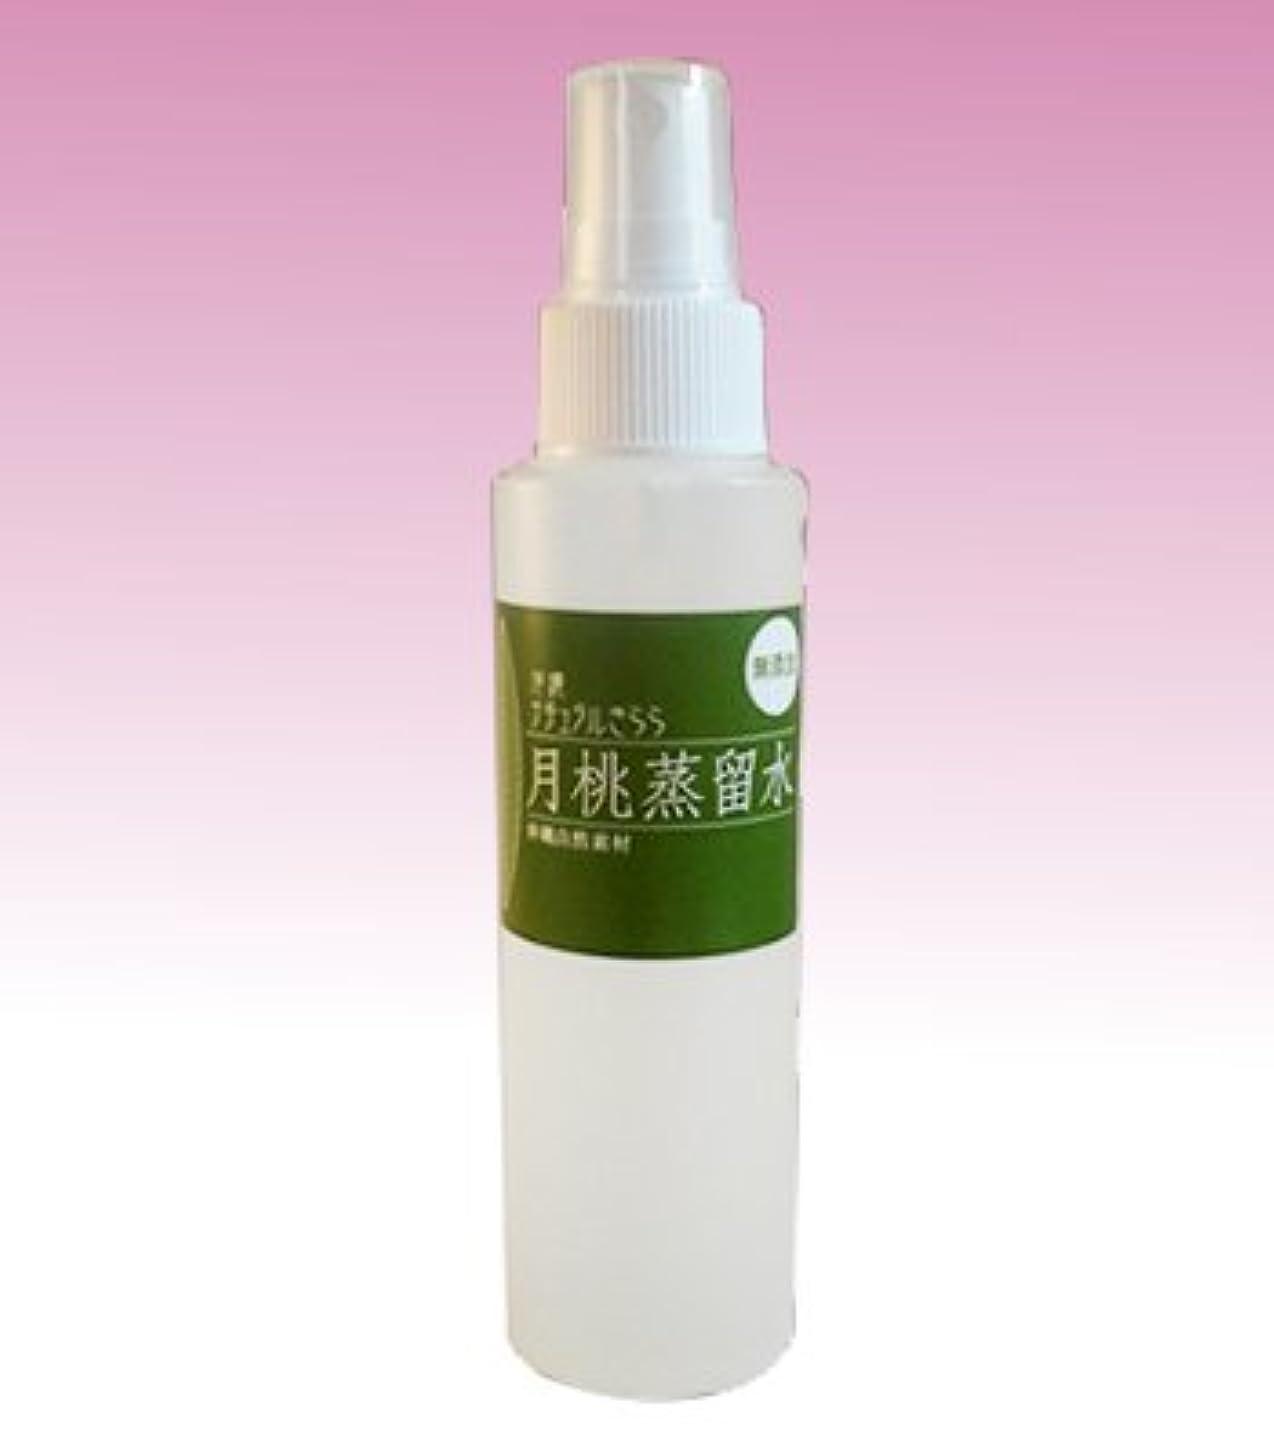 剣害虫写真の月桃蒸留水 (200ml)